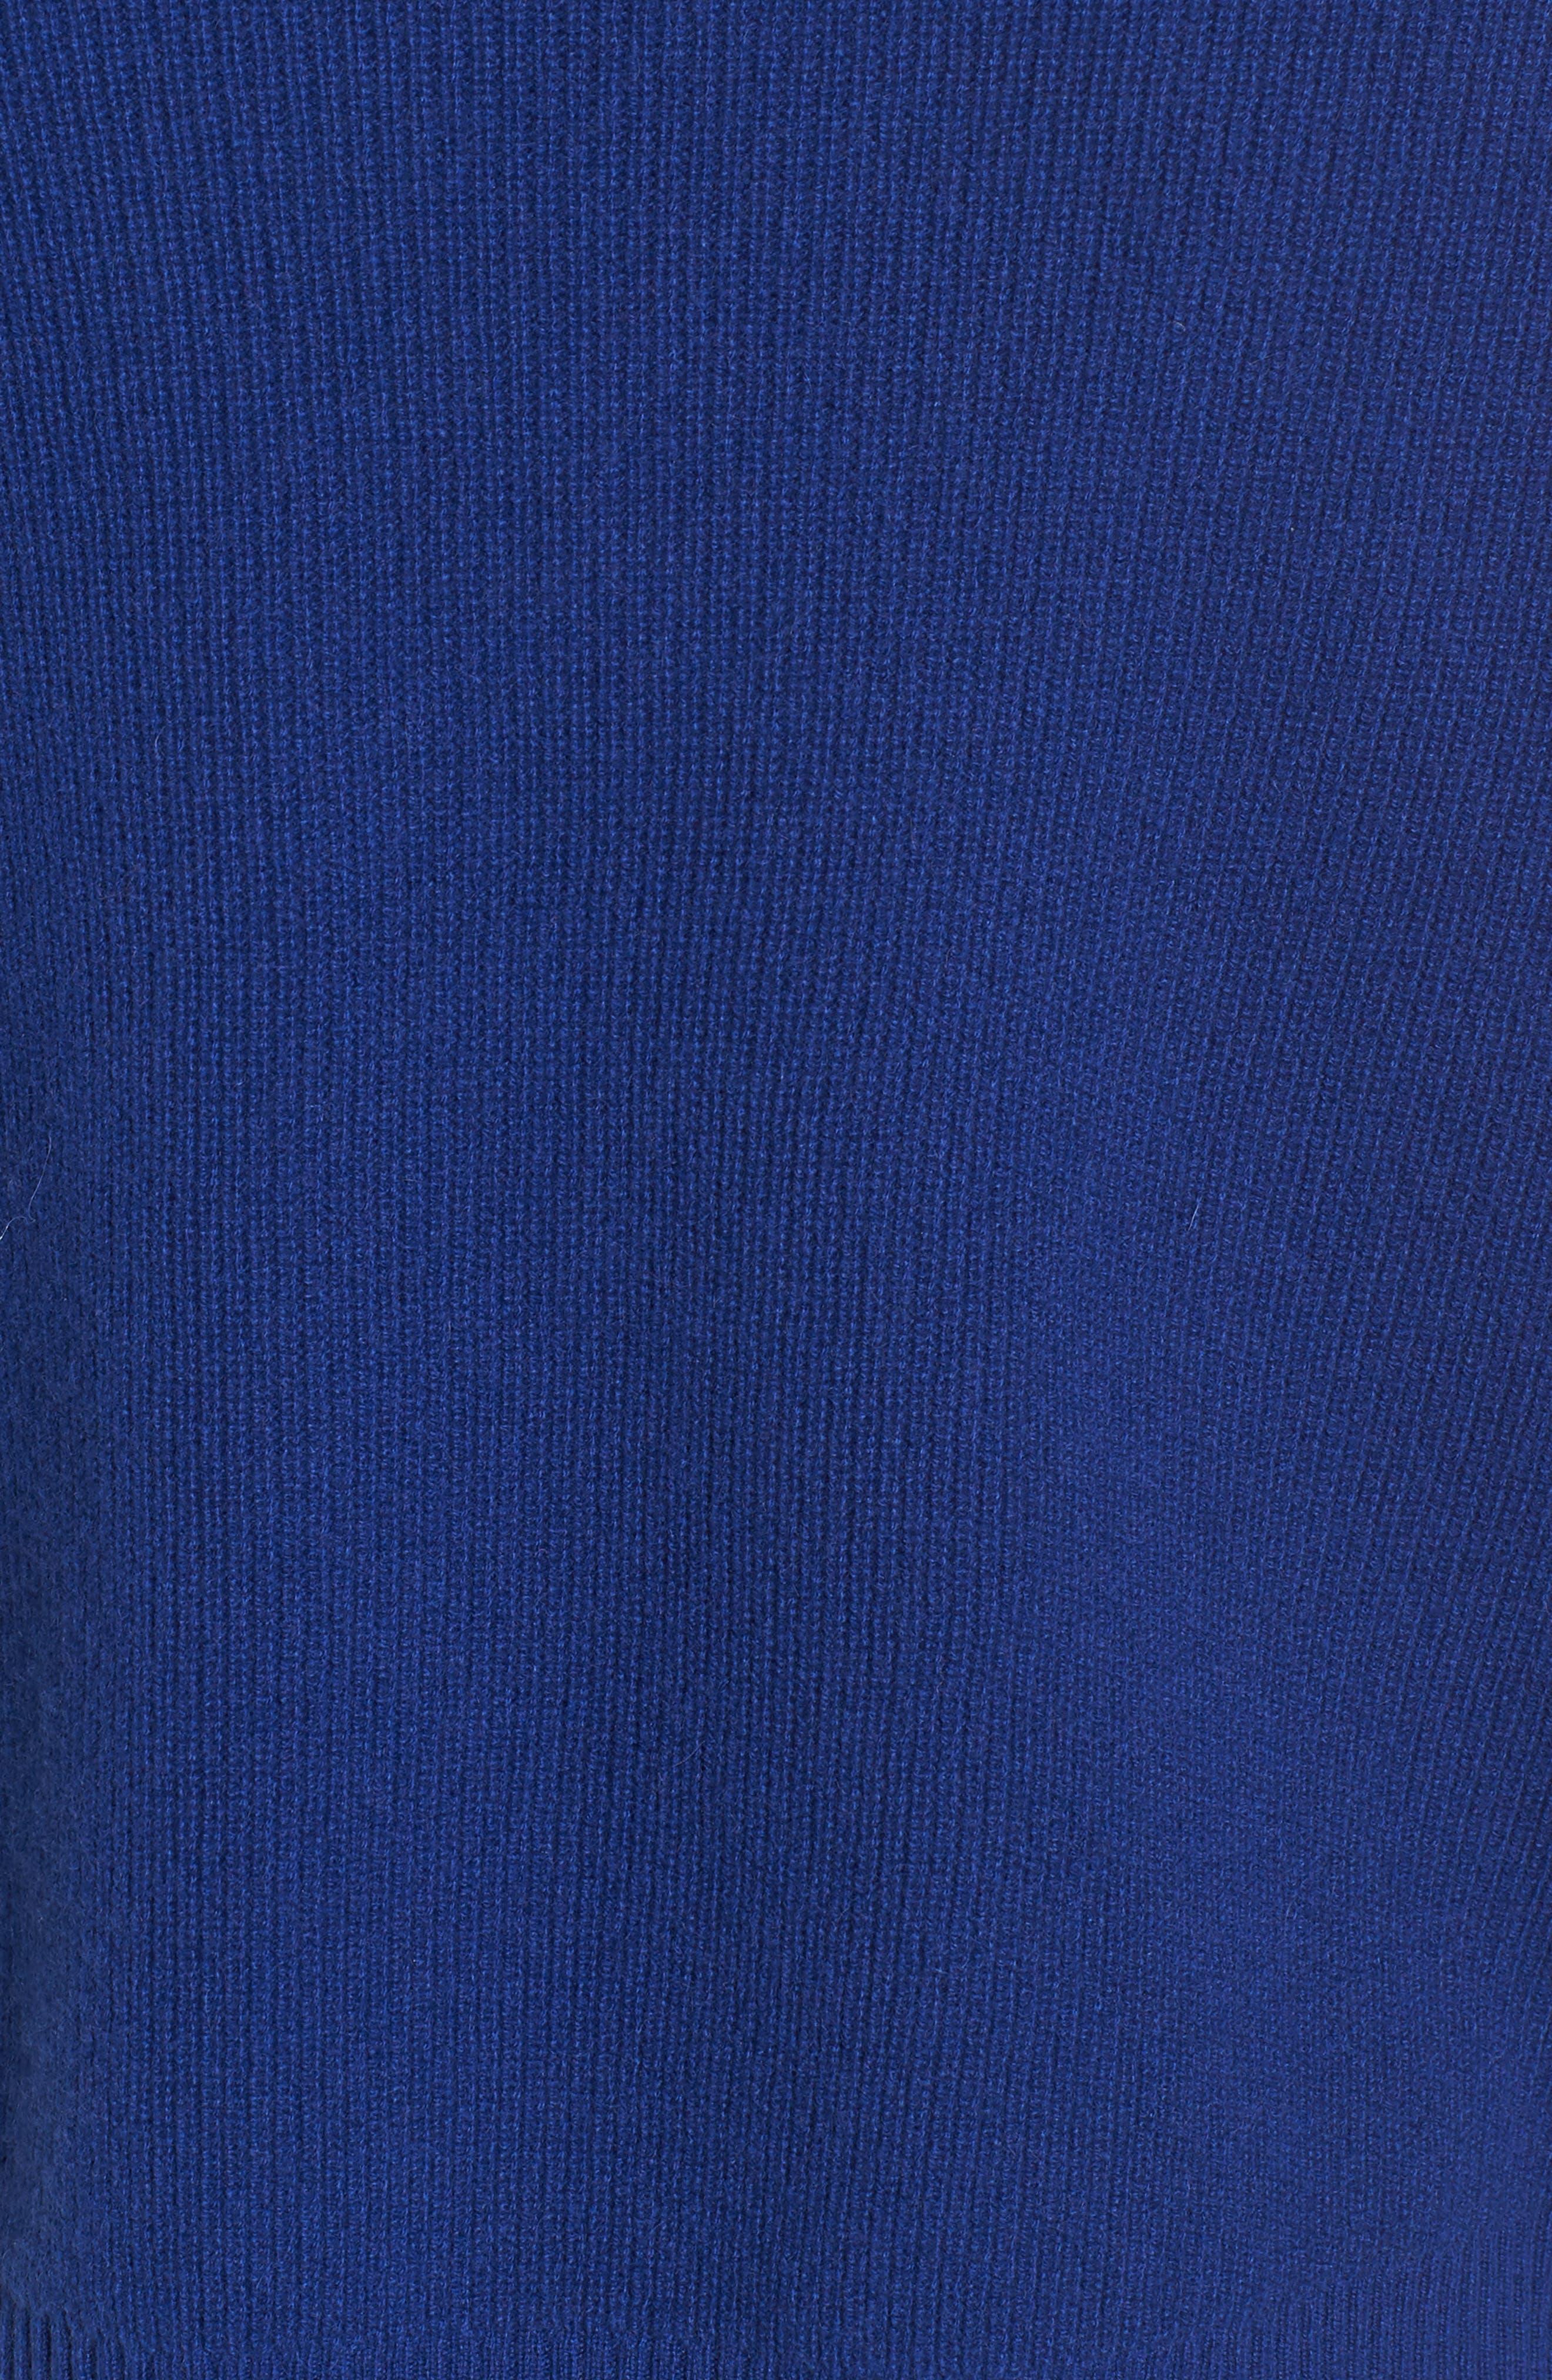 Cashmere Sweater,                             Alternate thumbnail 5, color,                             Coblt Blue